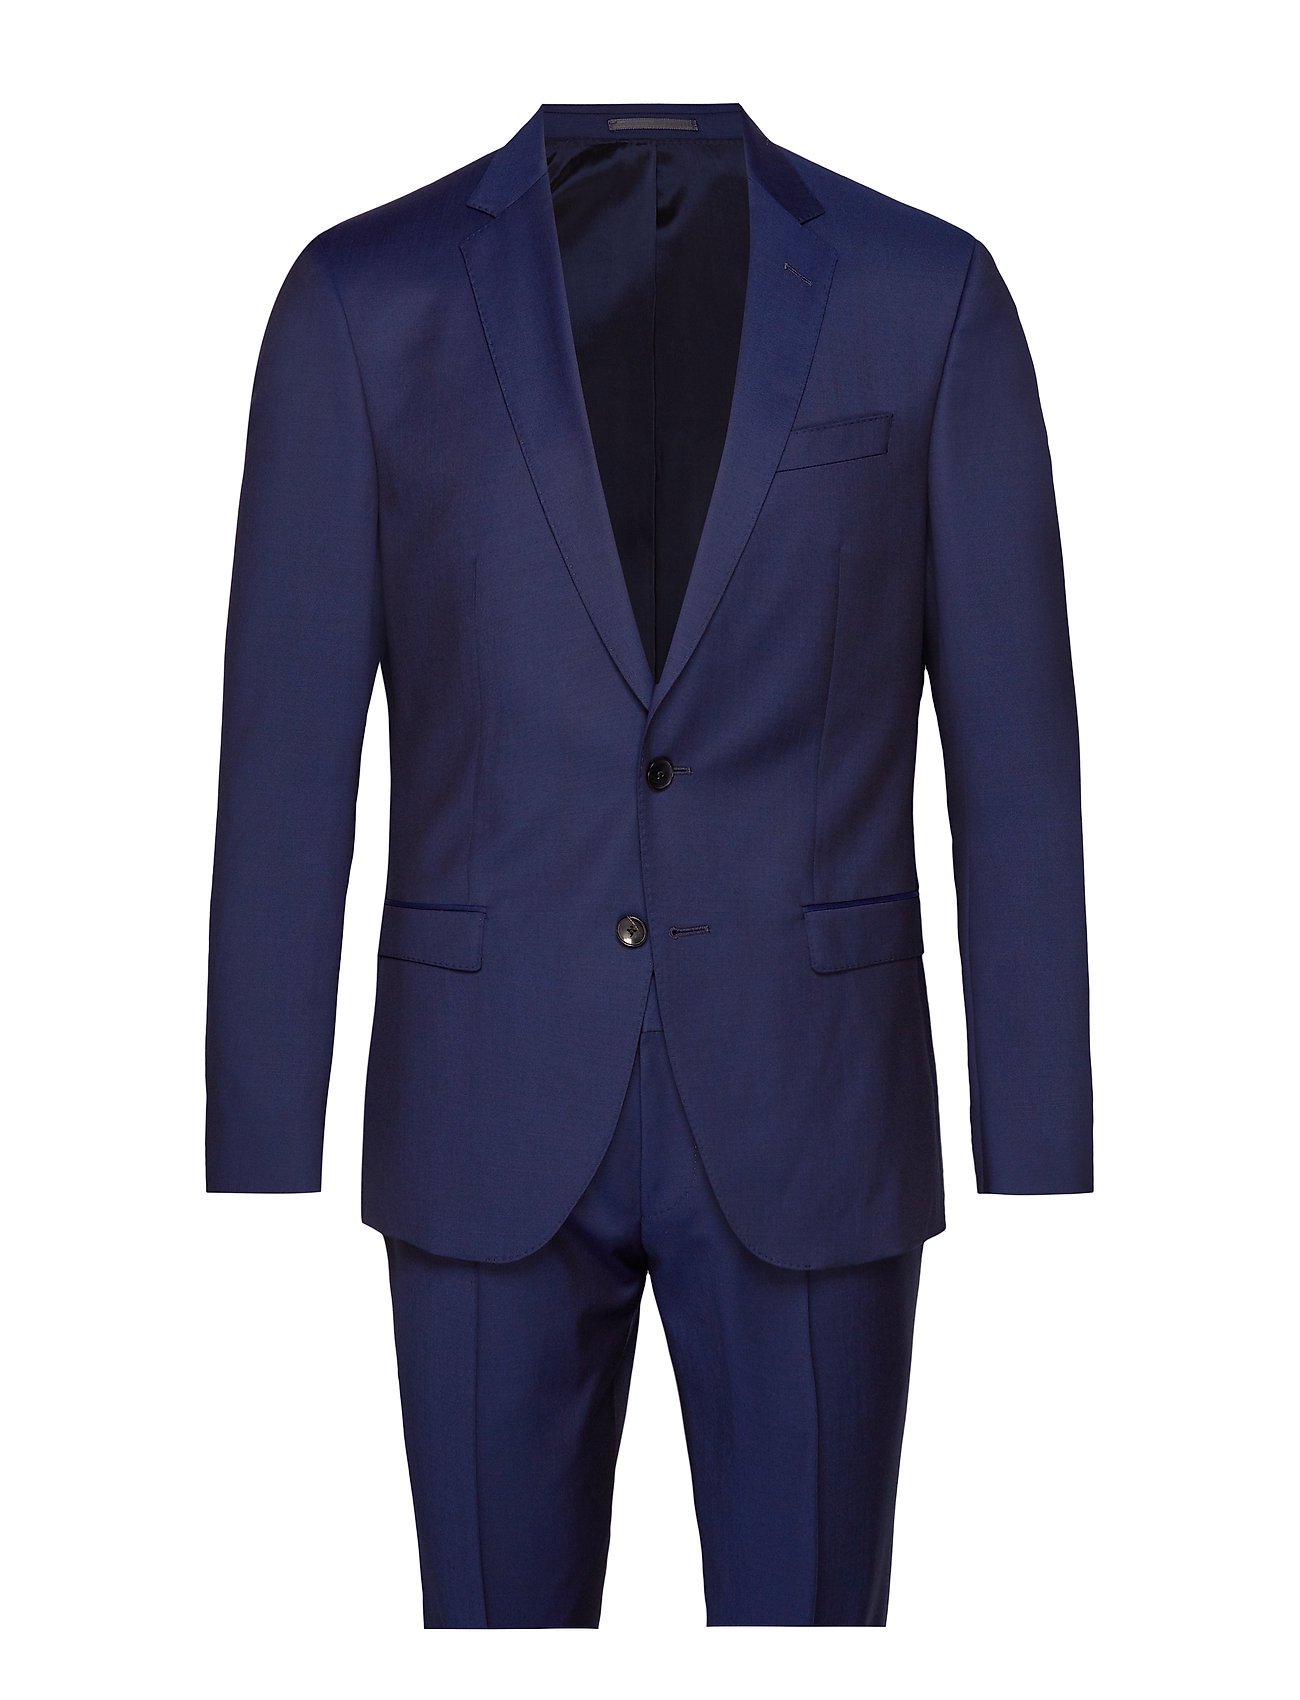 Image of Huge6/Genius5 Habitbukser Stylede Bukser Blå BOSS BUSINESS WEAR (3201168757)